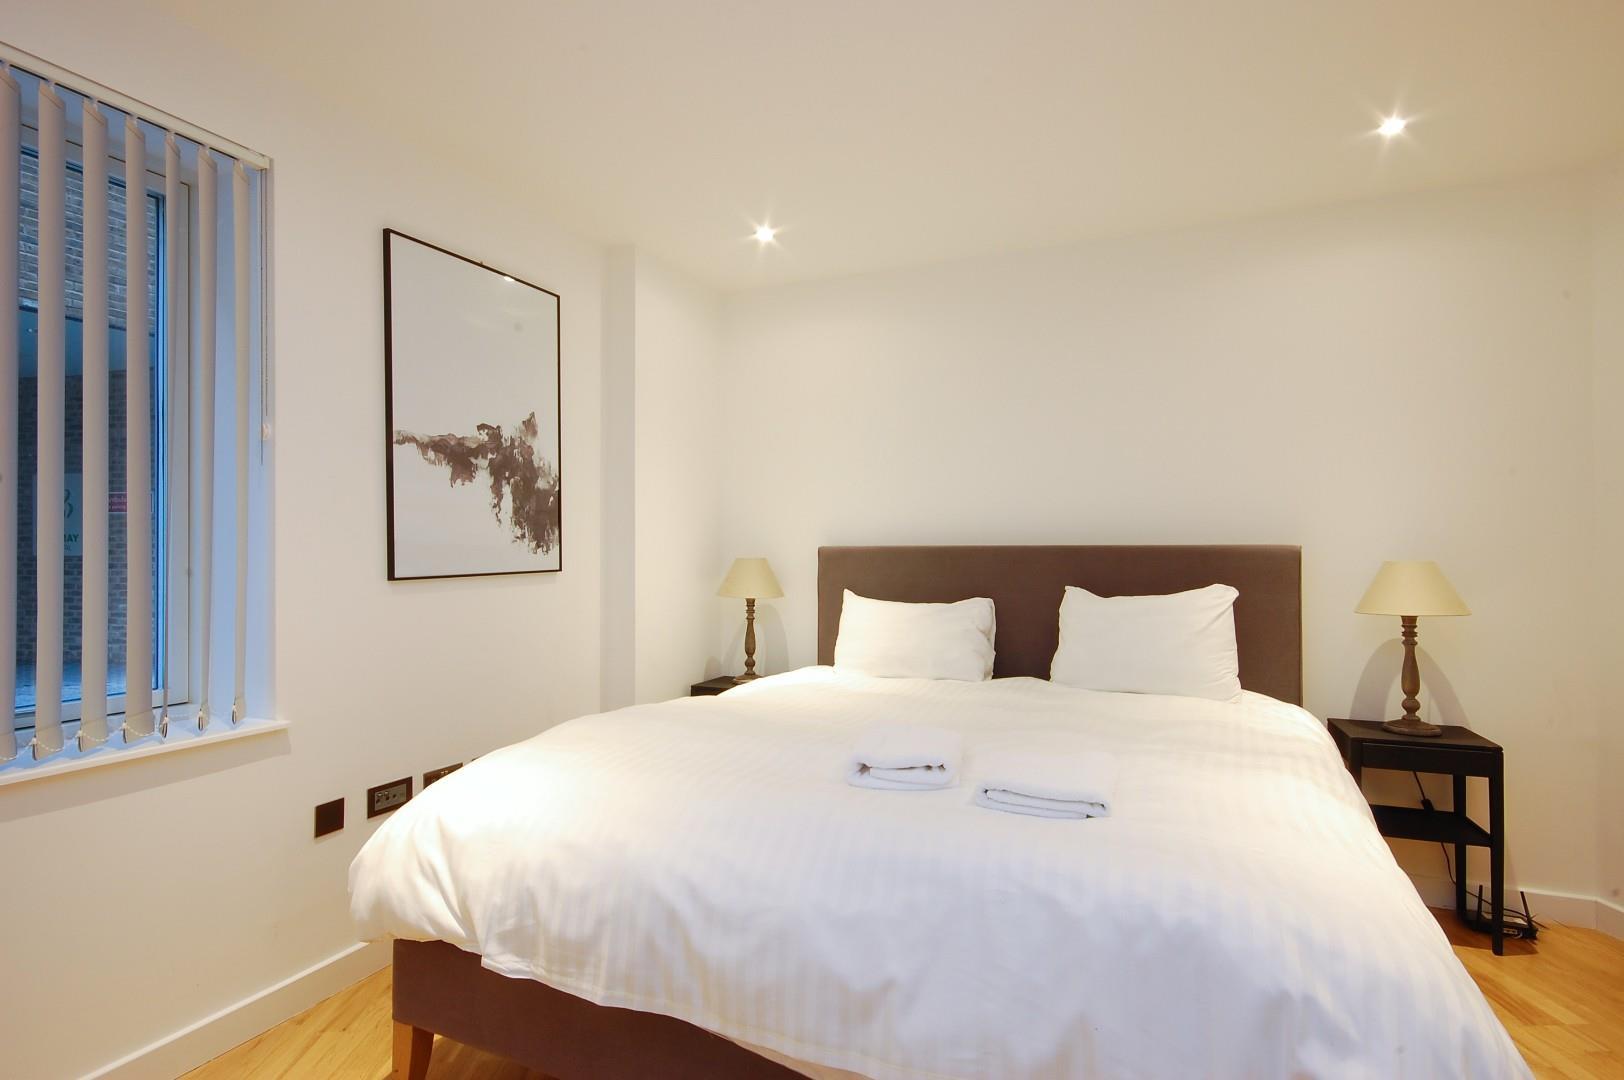 Godfrey-Bedroom 4d.jpg